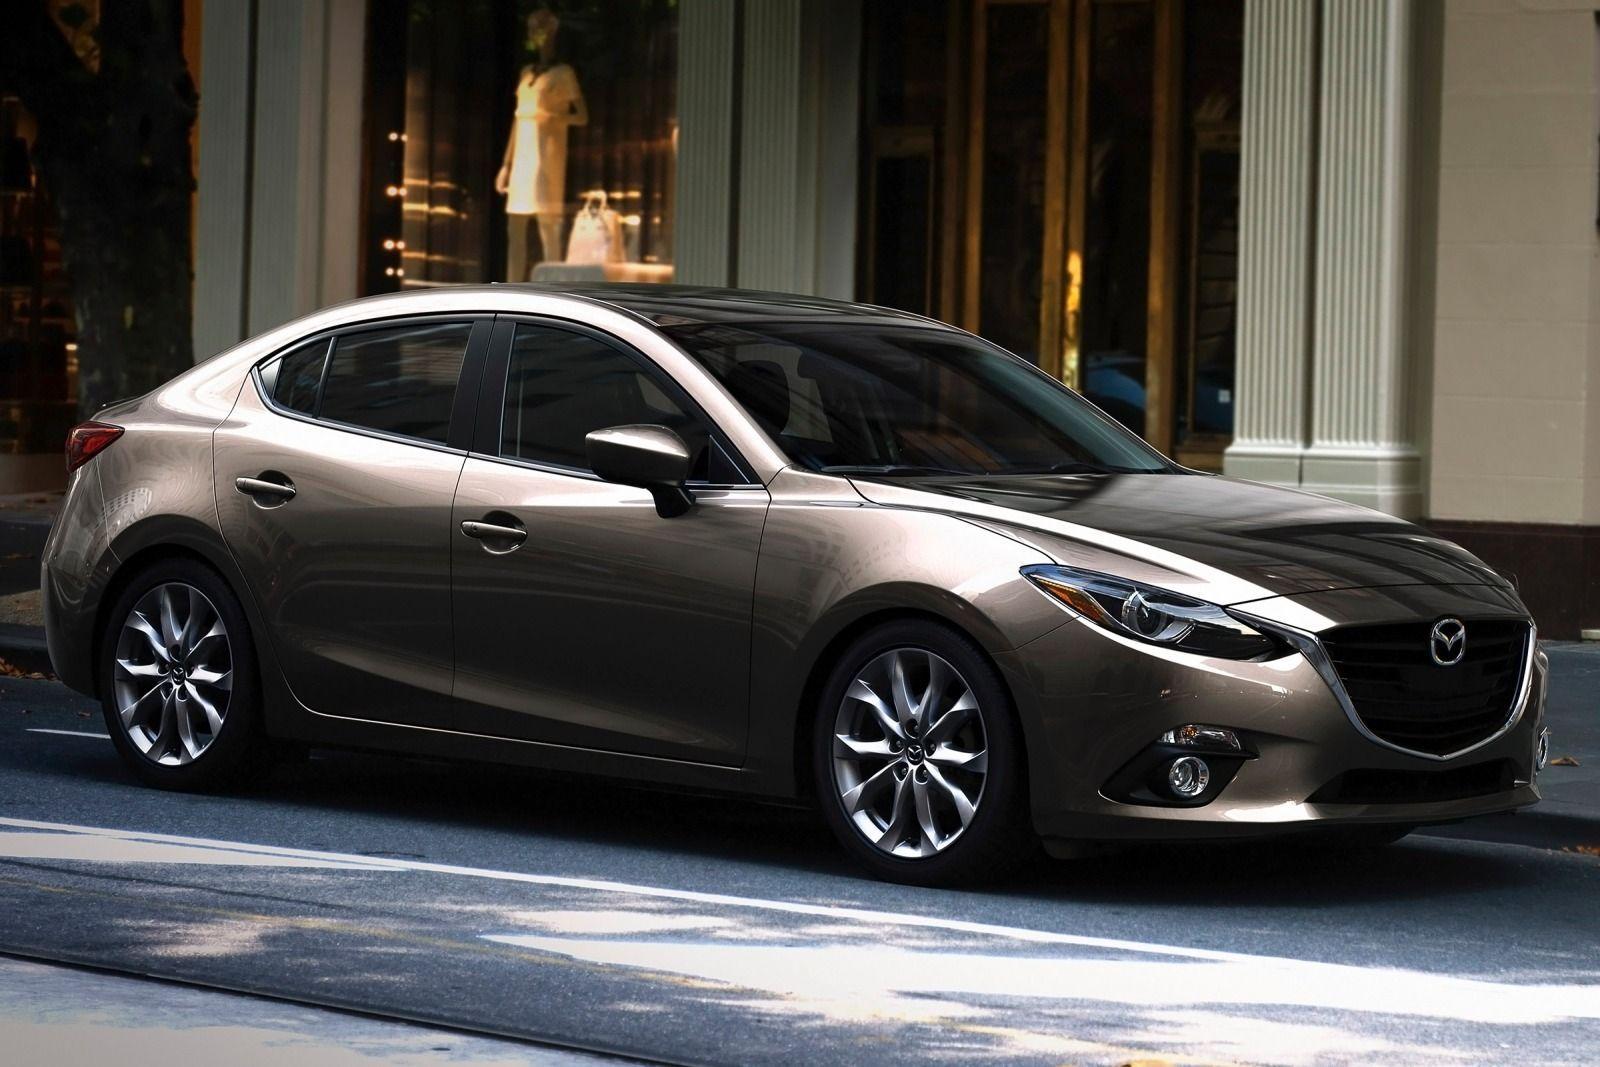 2015_Mazda_Mazda3_i_SV_4dr_Sedan_20L_4cyl_6M_6510137.jpg